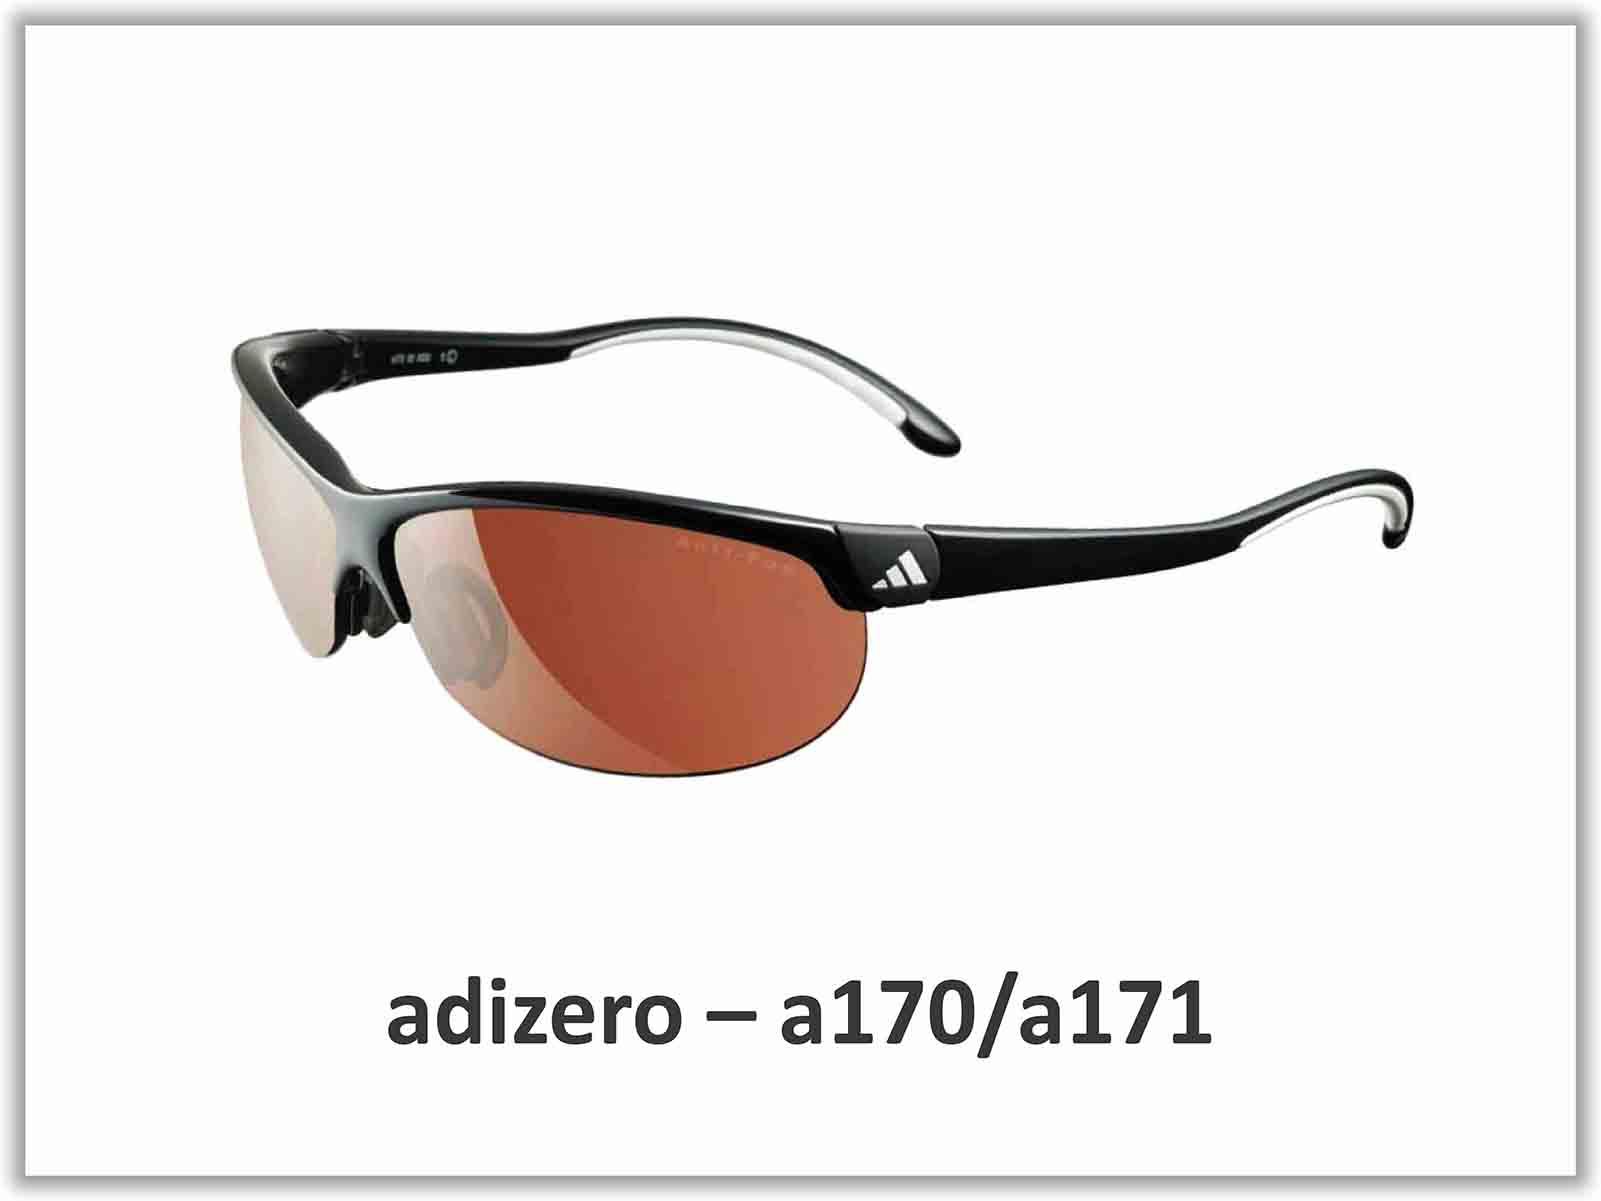 adizero – a170/a171